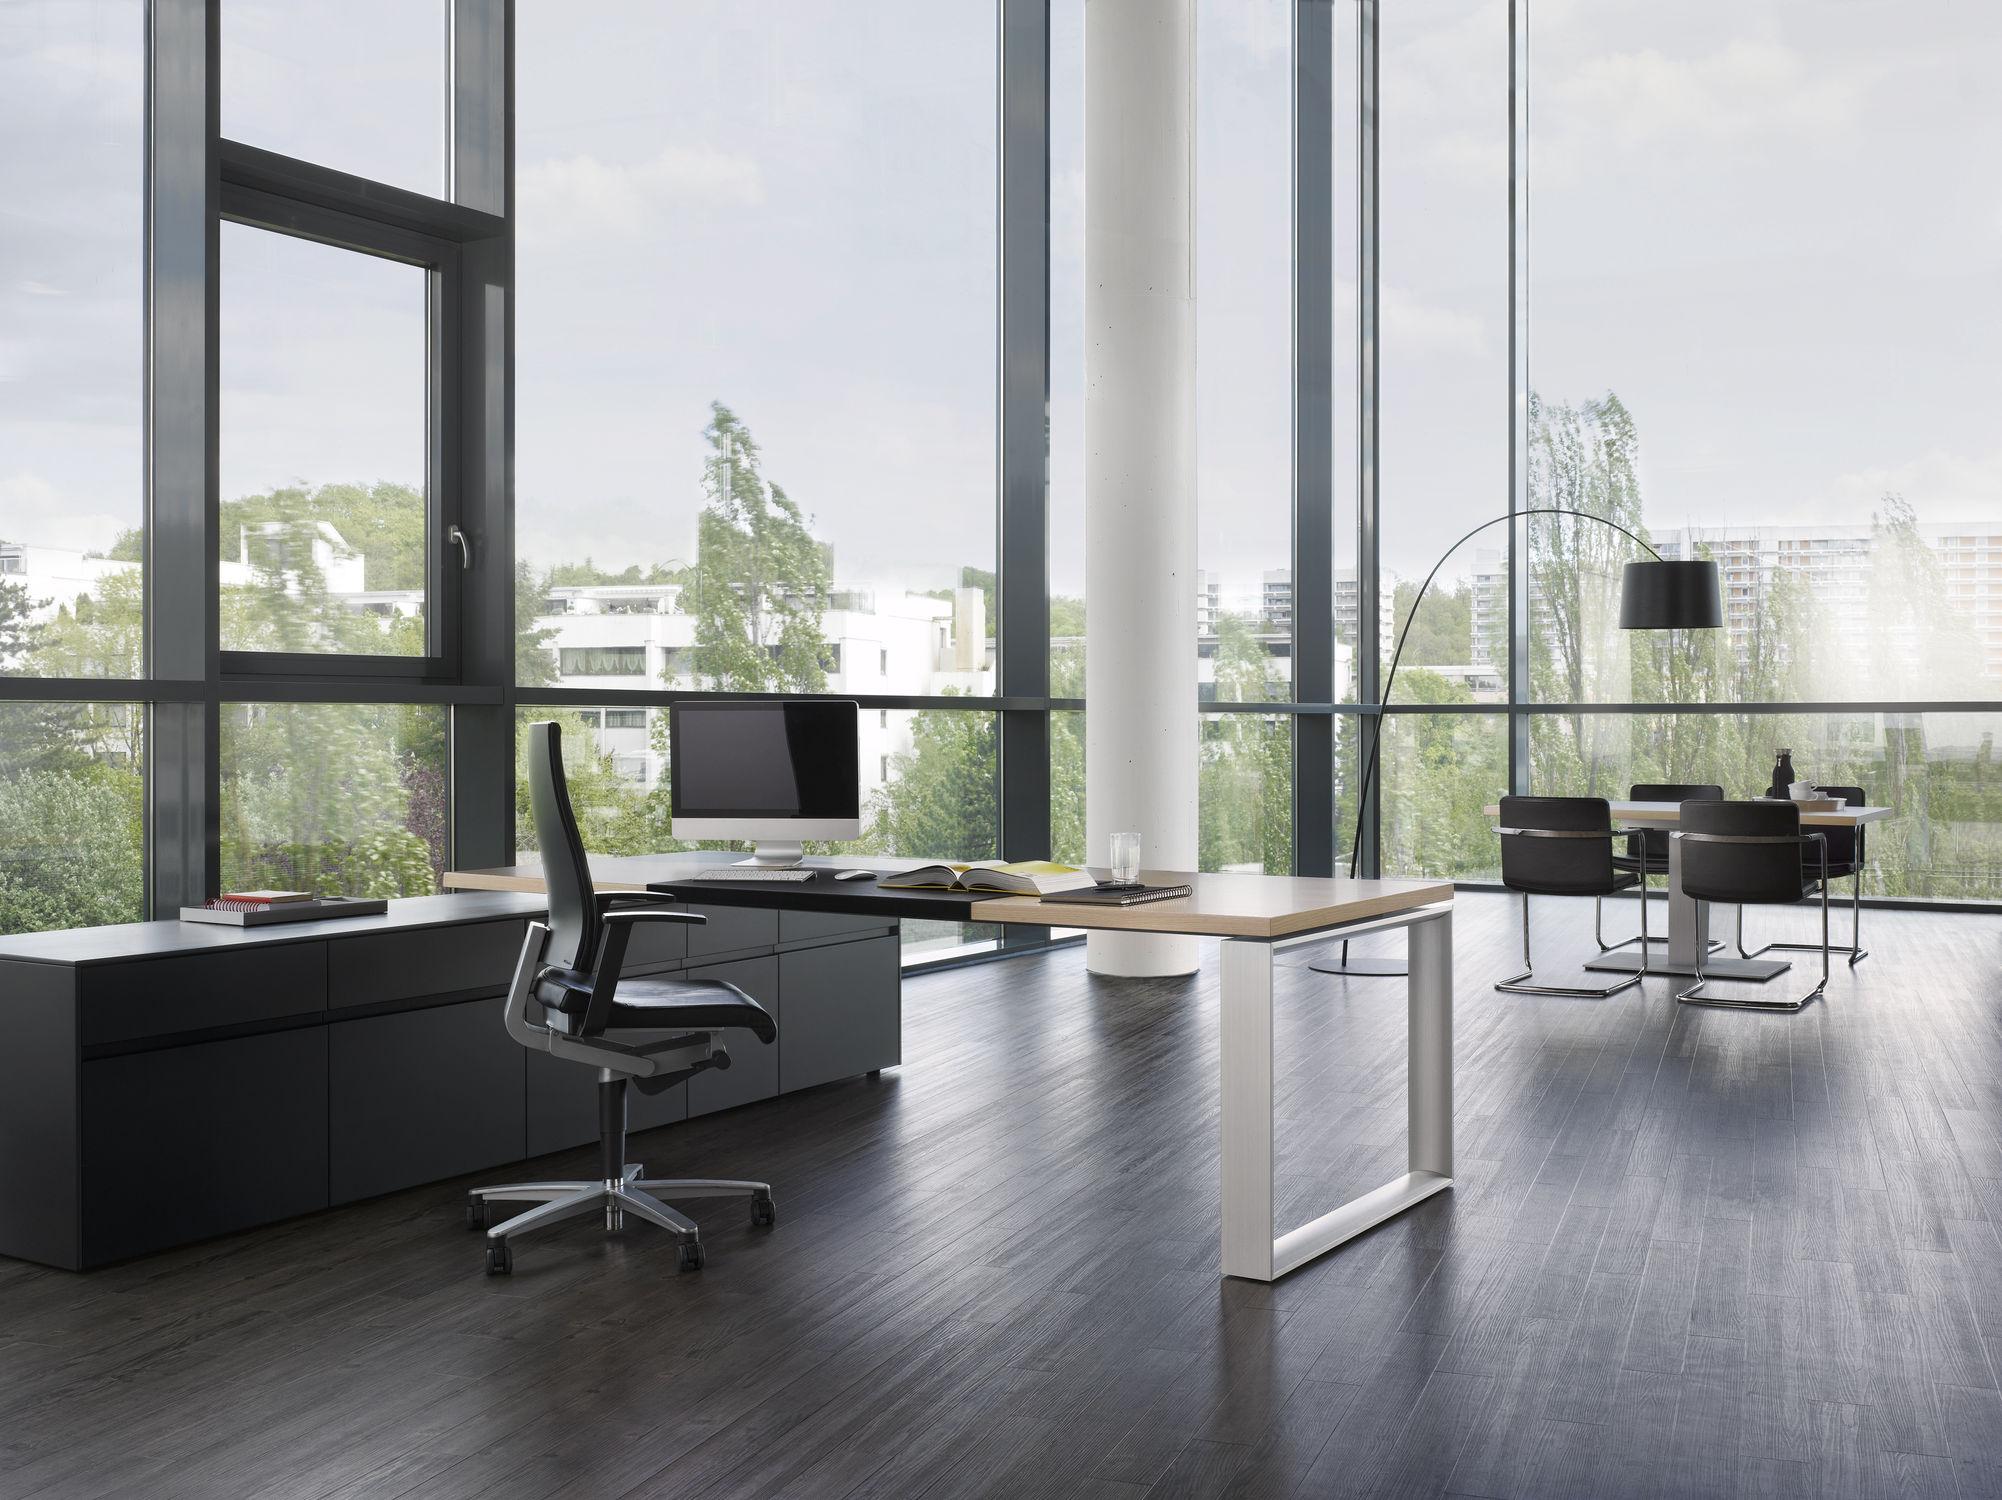 bureaux-professionnels-contemporains-hauteur-reglable-51849-3352219